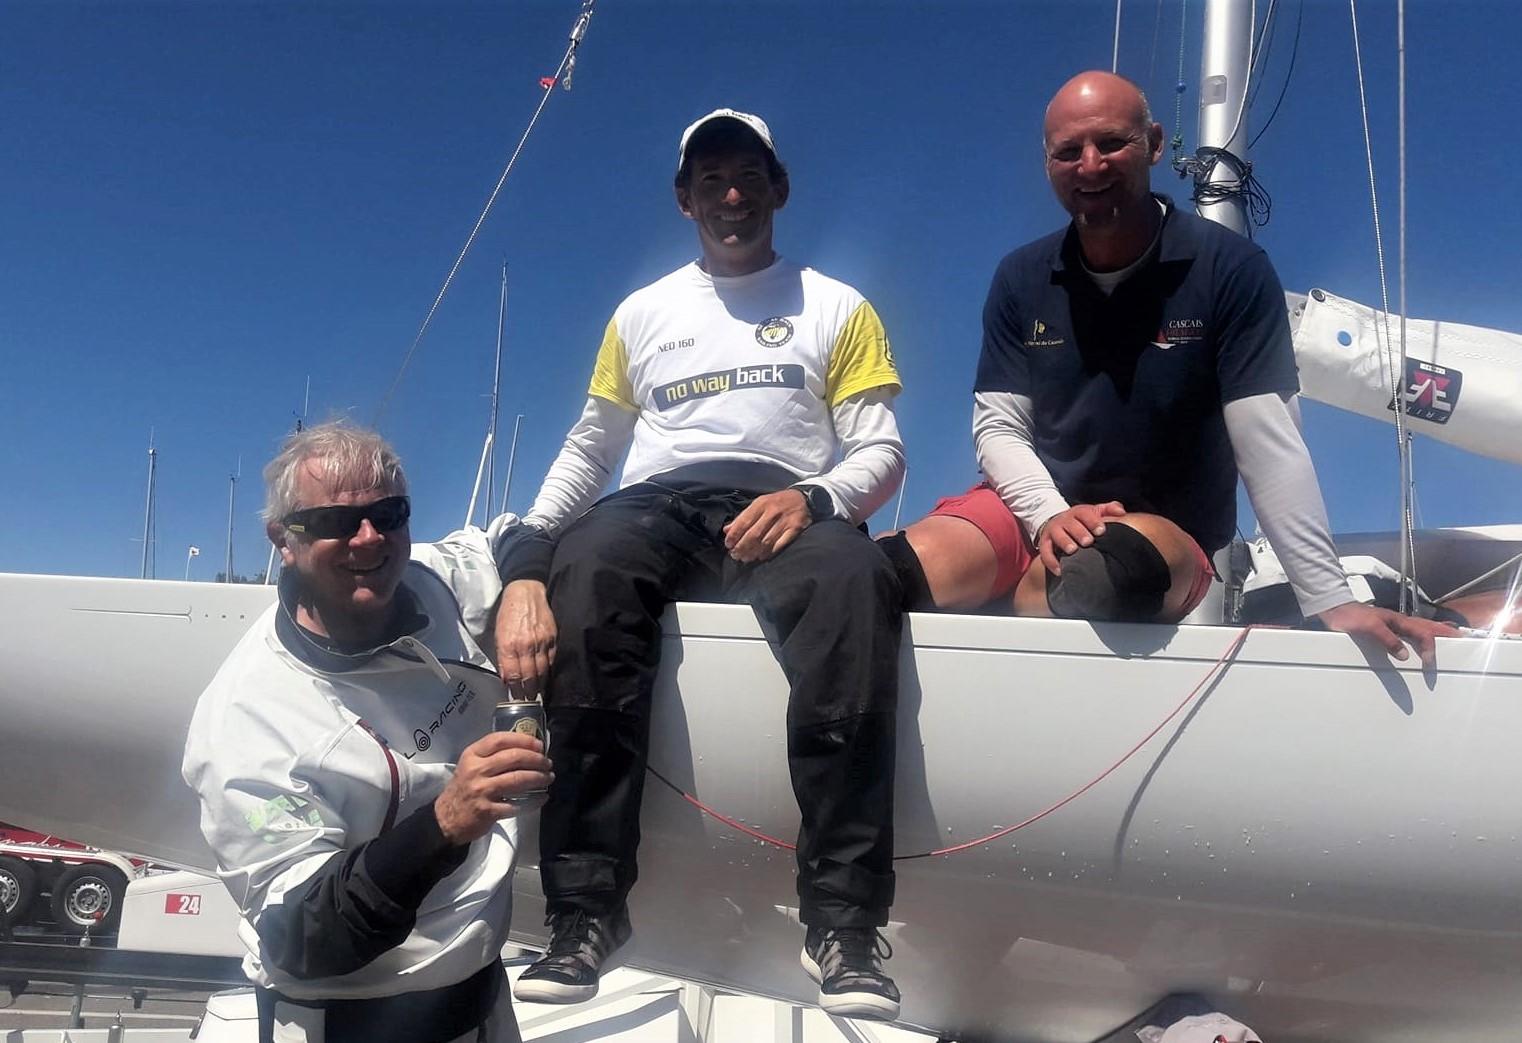 Grand Prix-vindere i NED 412. Fra venstre ses Pieter Heerema, George Leonchuk og danske Lars Hendriksen. Hollandske Heerema sejlede sidste år solo jorden rundt på 116 dage i Vendée Globe. Privatfoto